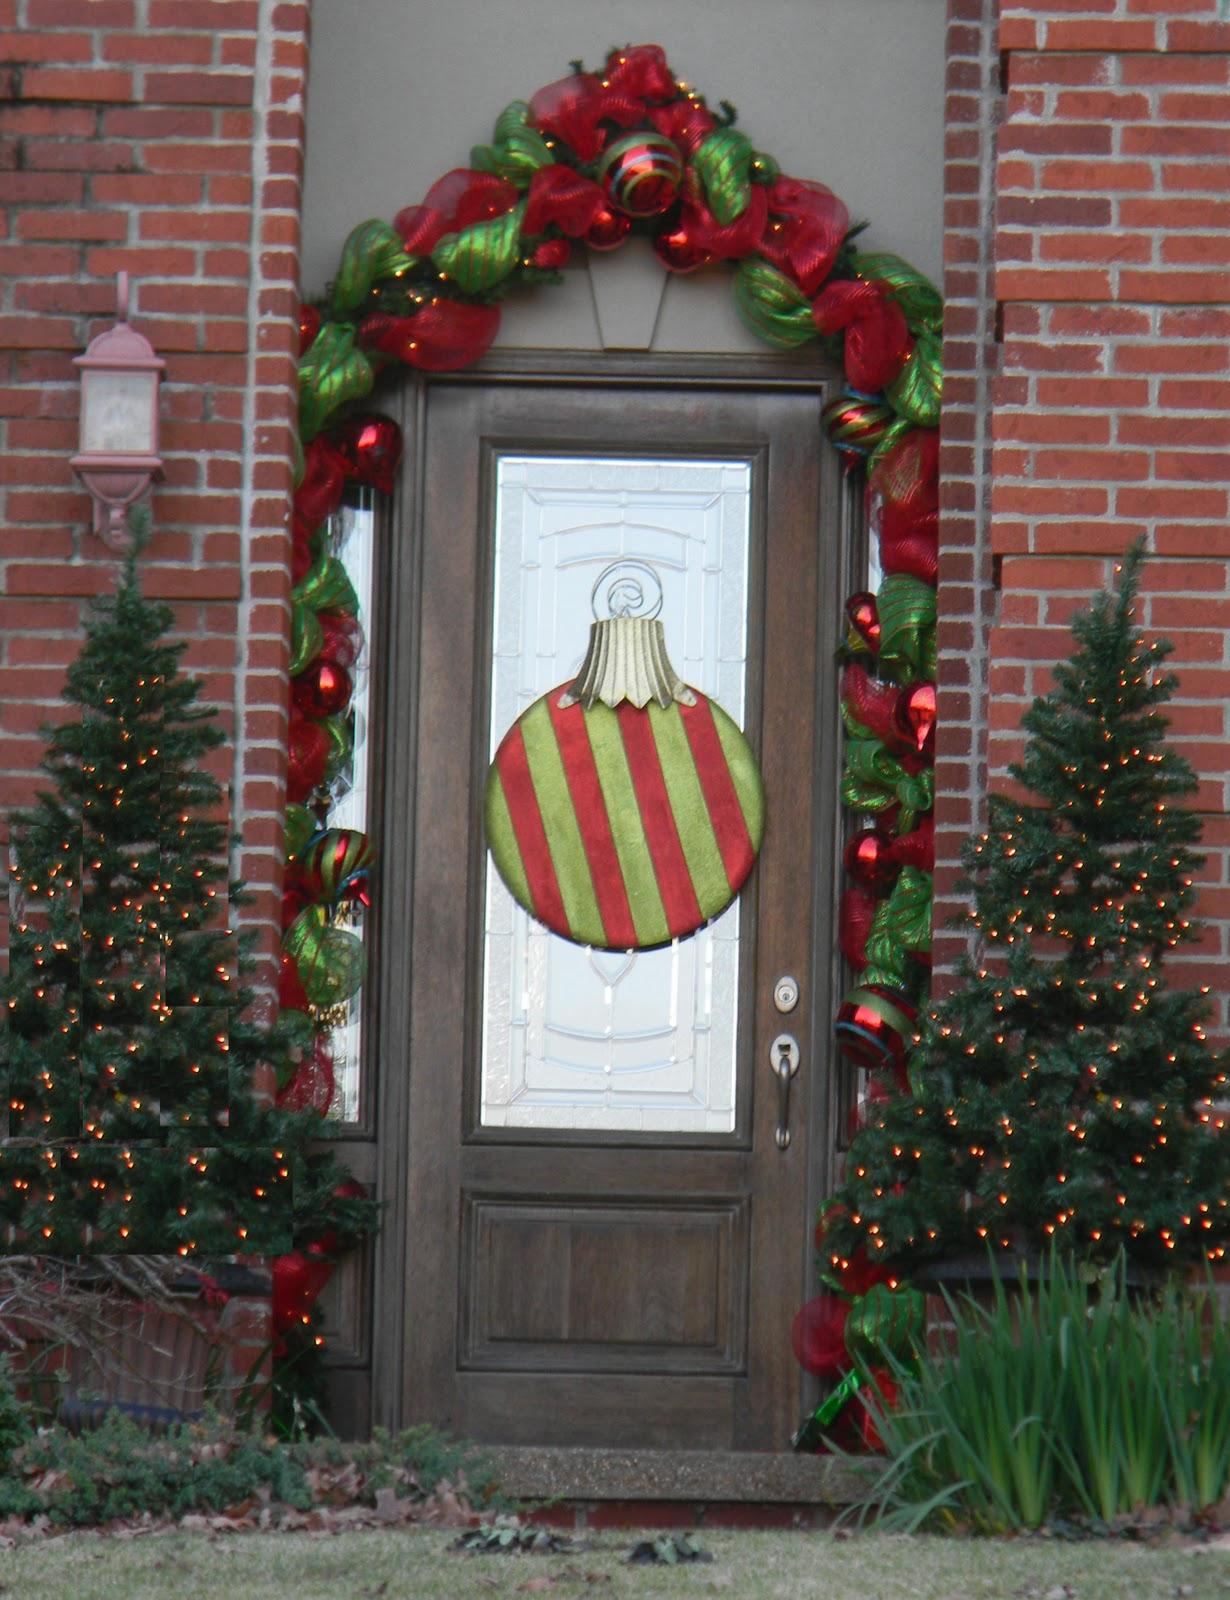 Front door deco mesh christmas decorations - Christmas Doors 2011 Part 2